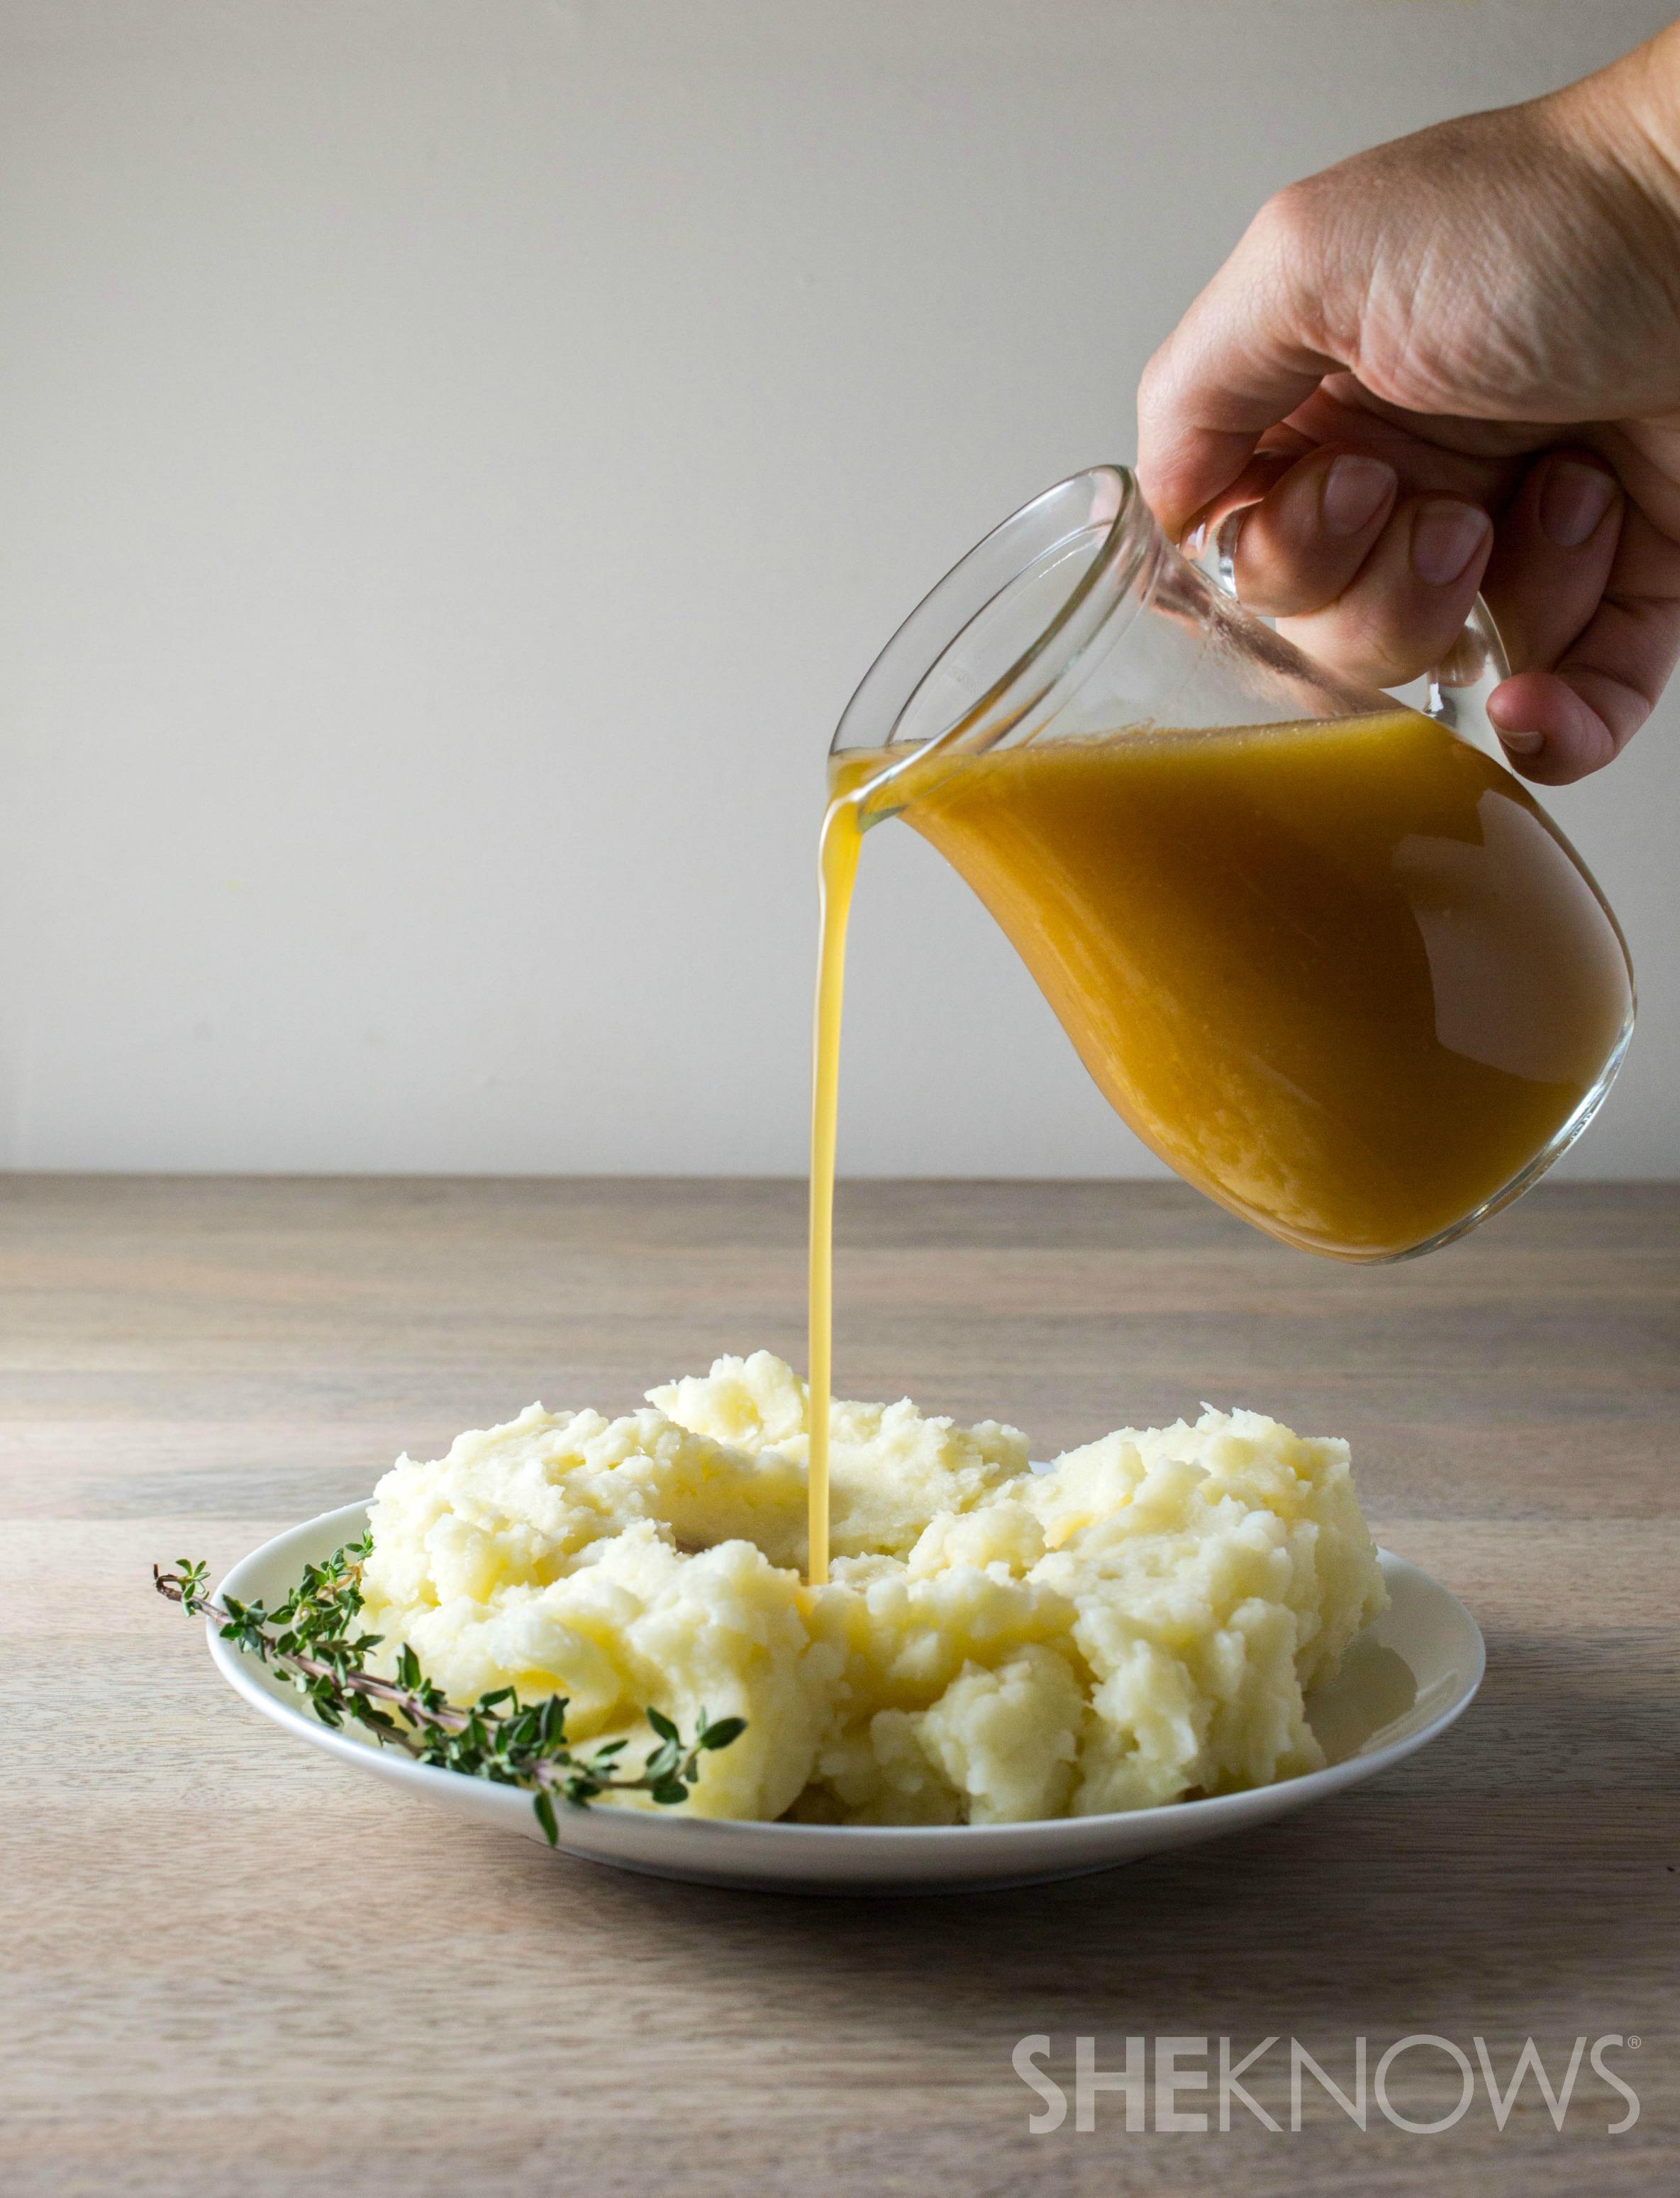 Gluten-free turkey gravy for your Thanksgiving feast